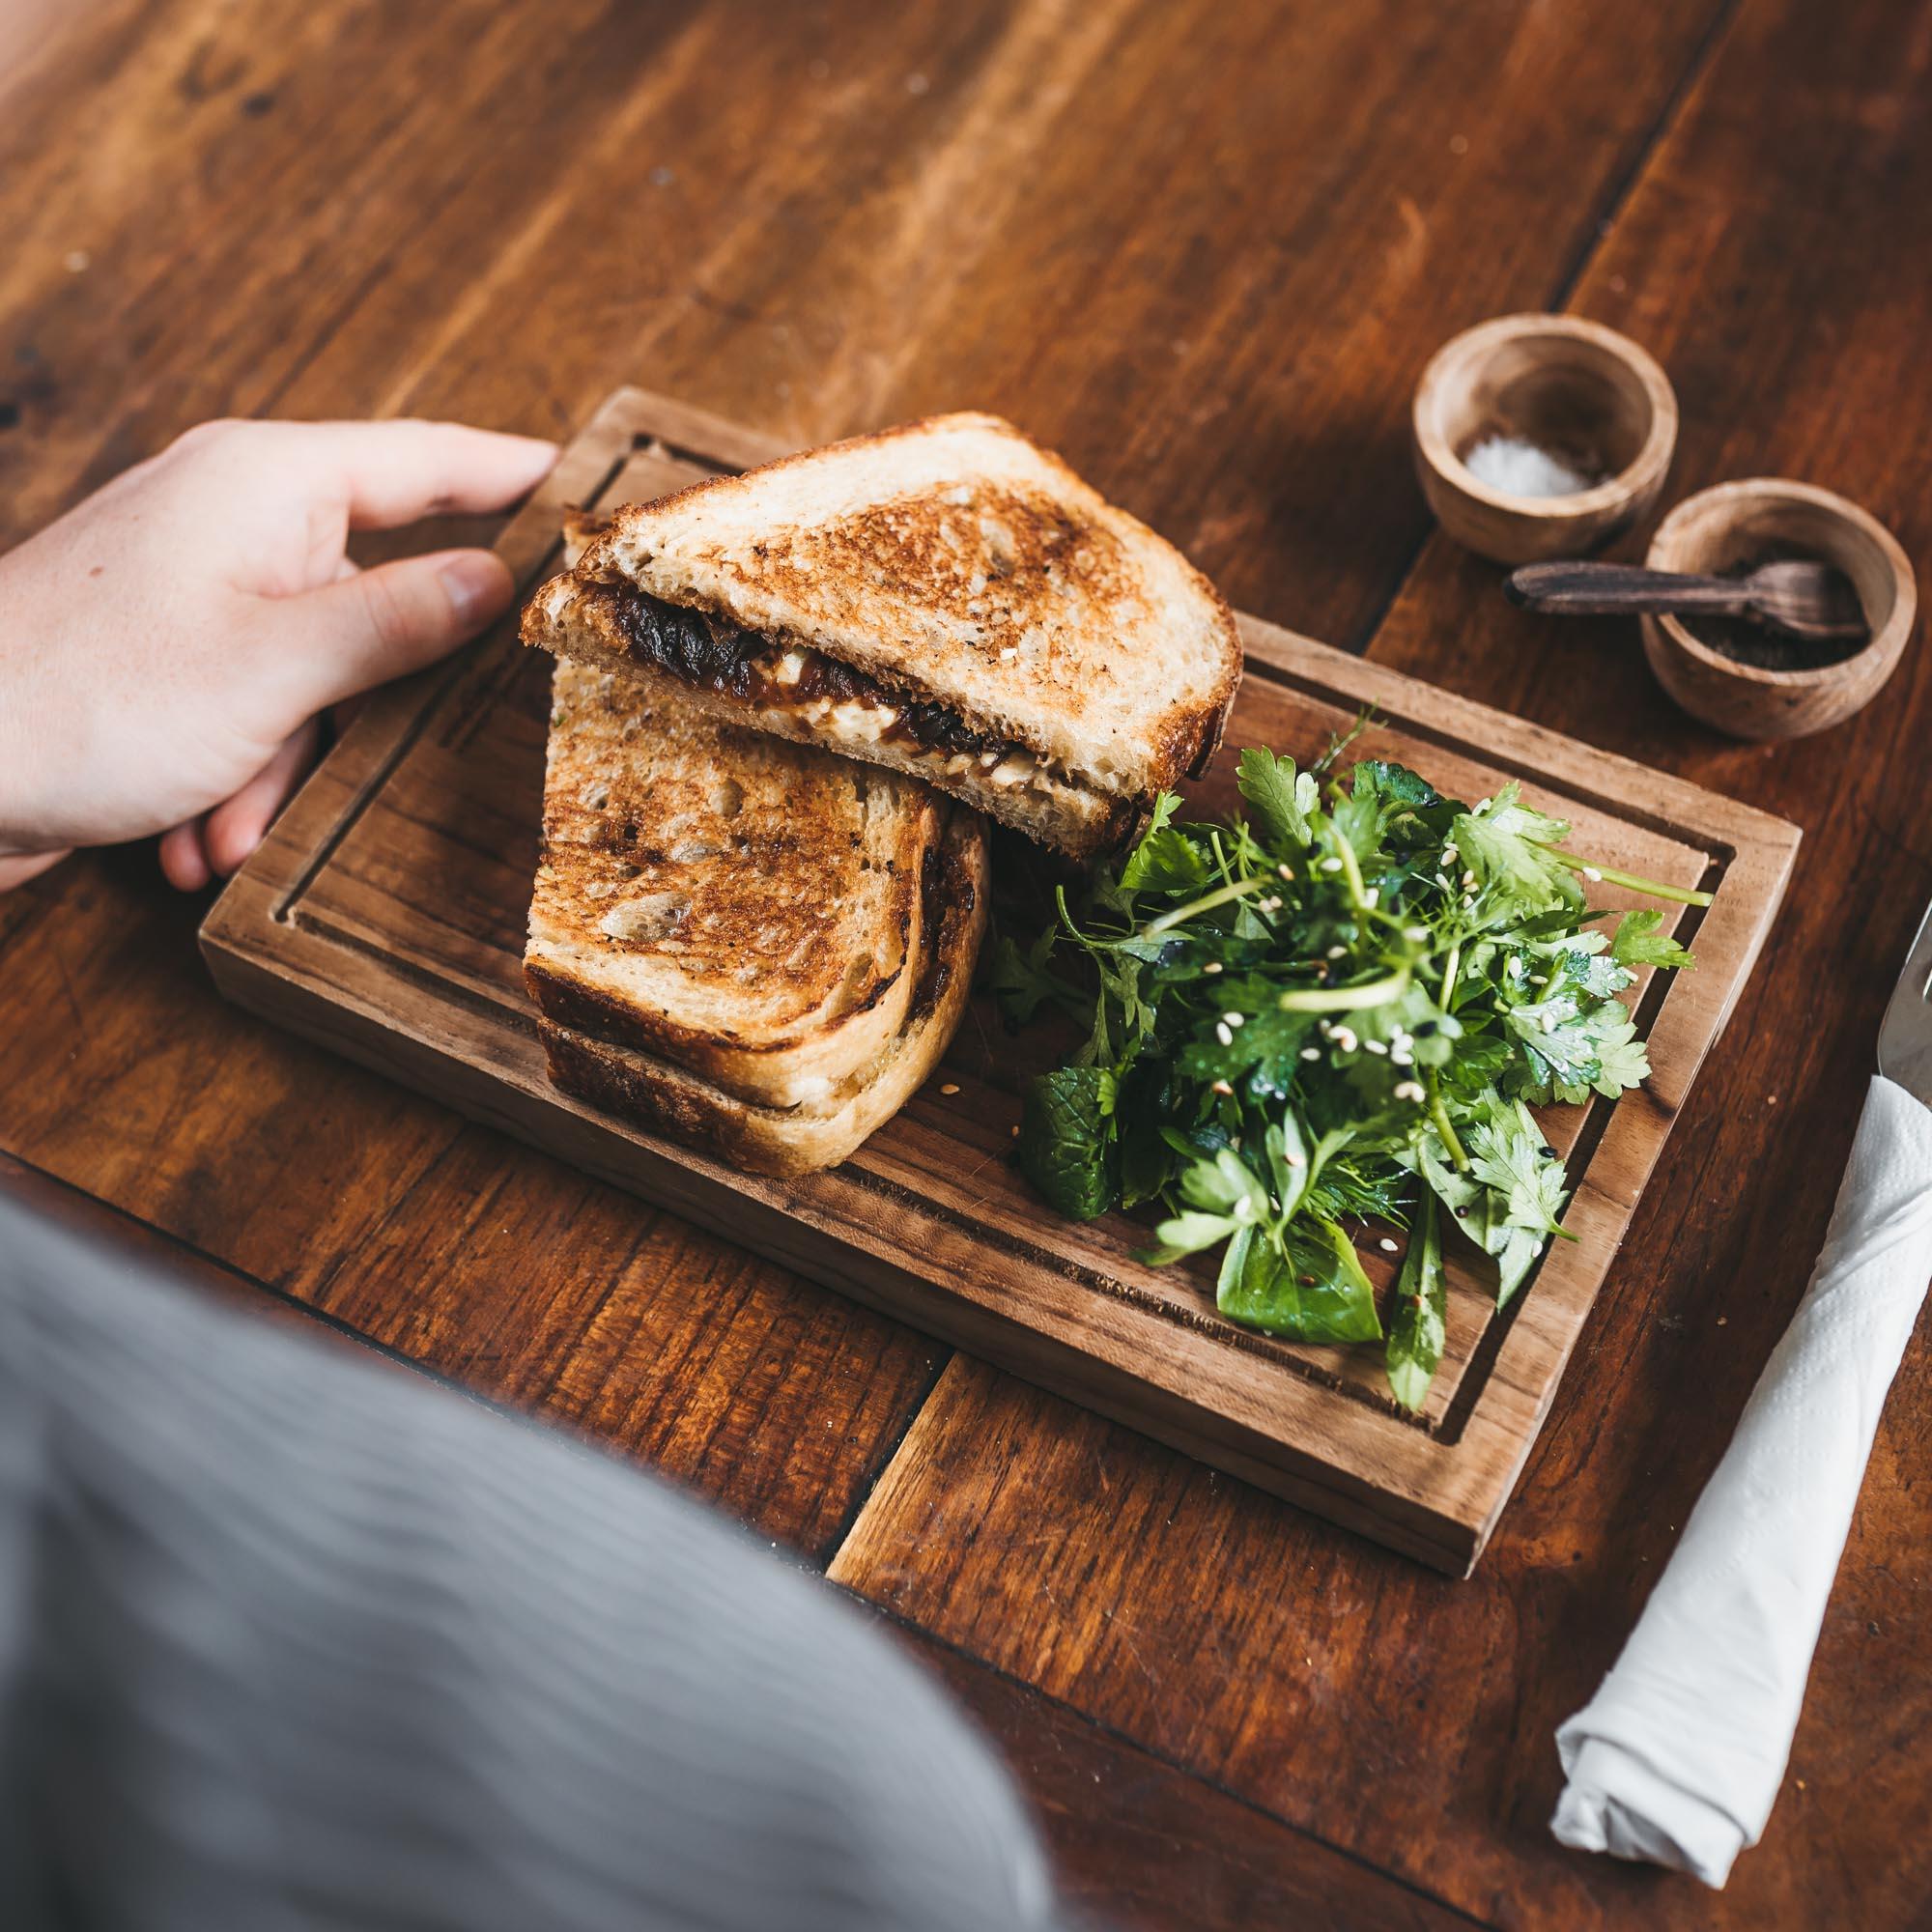 keira-mason-watercress-toasted-sandwich.jpg